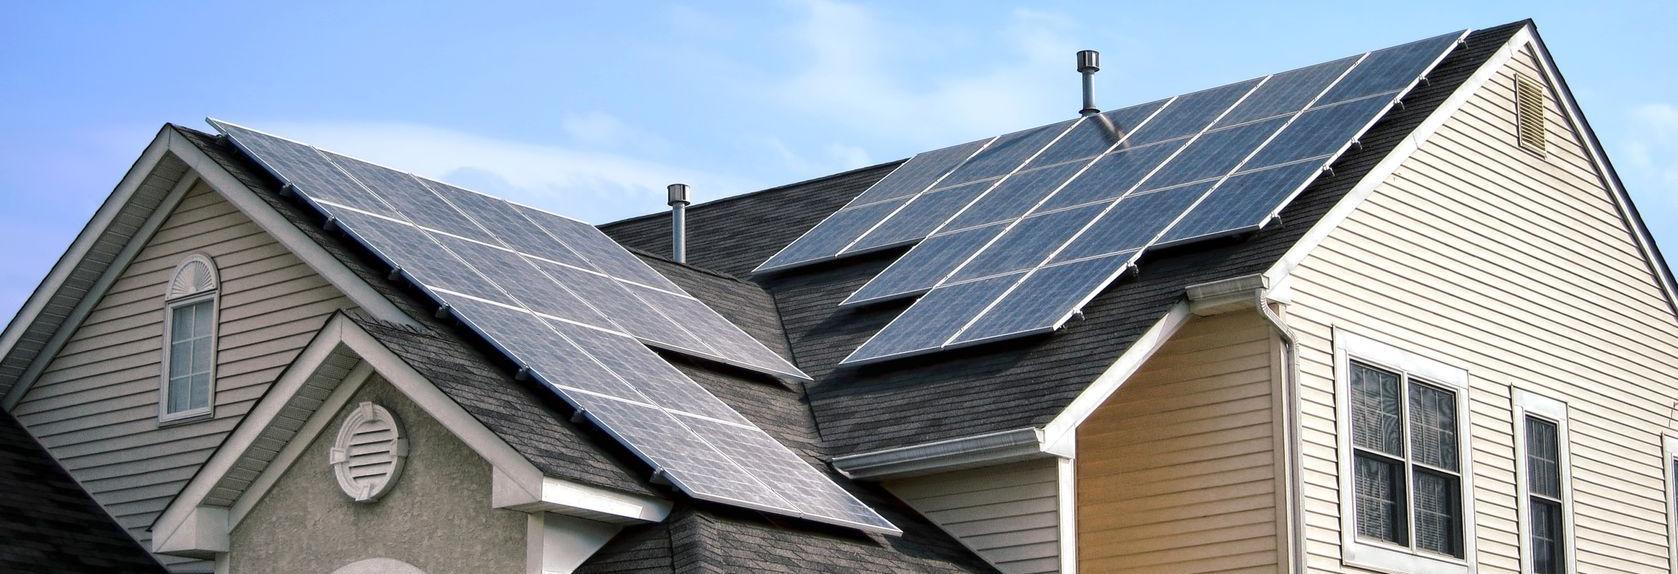 KC Energy Solar banner Kansas City, MO